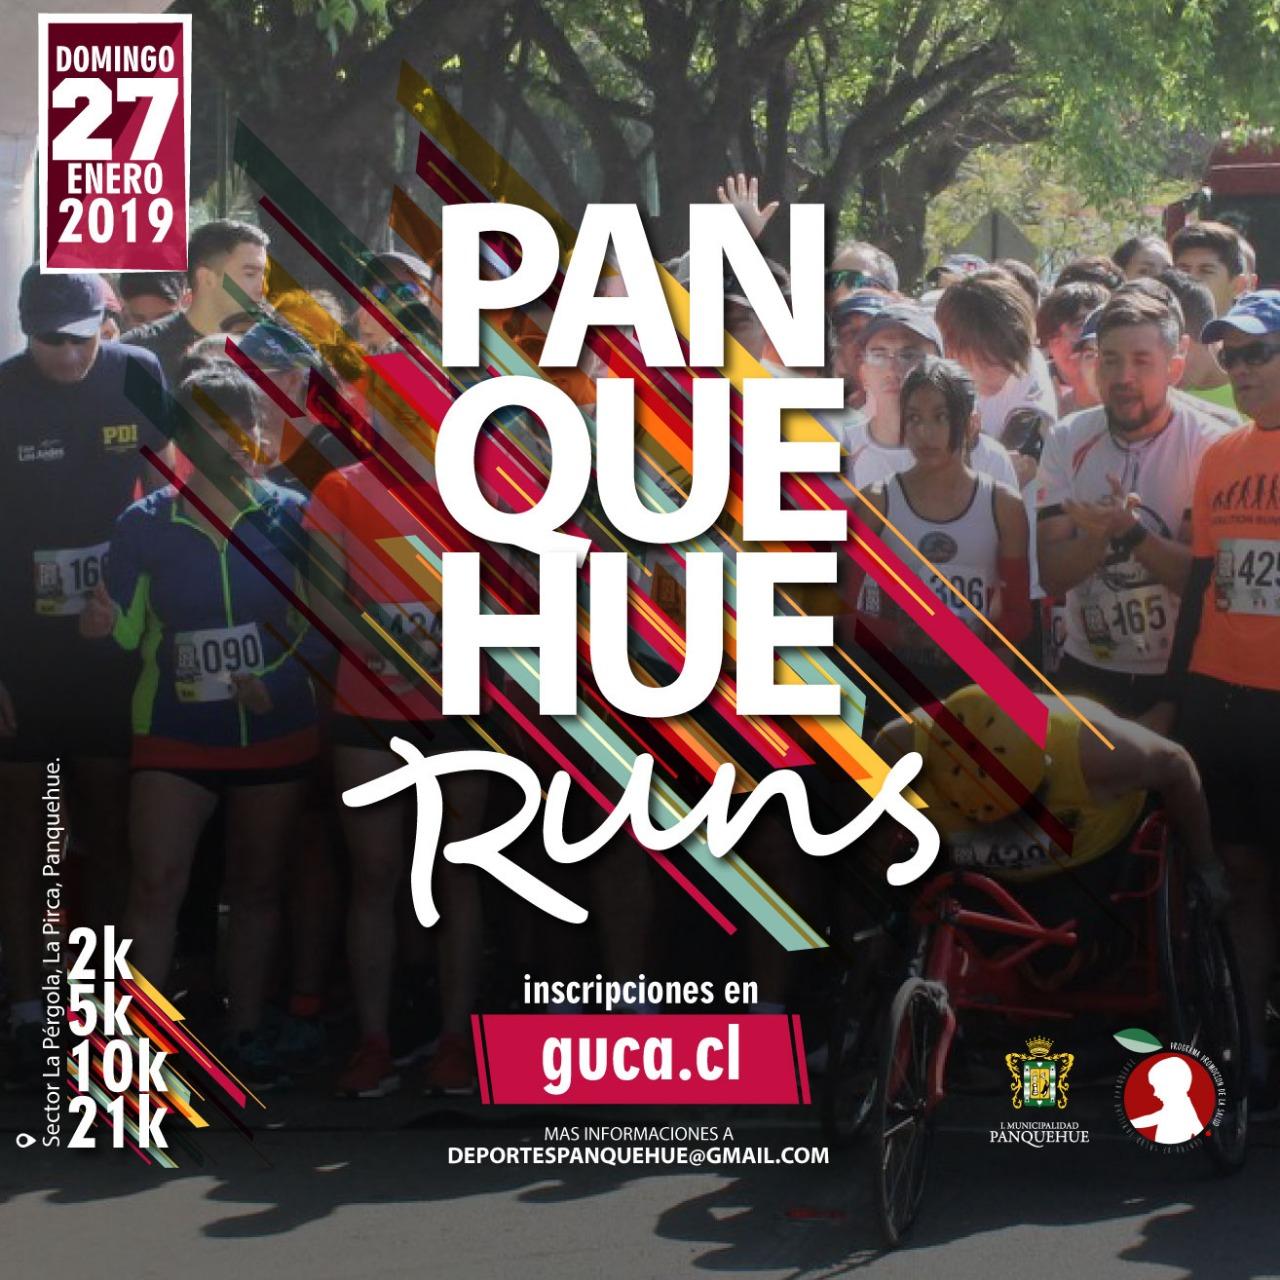 Panquehue Runs 2019